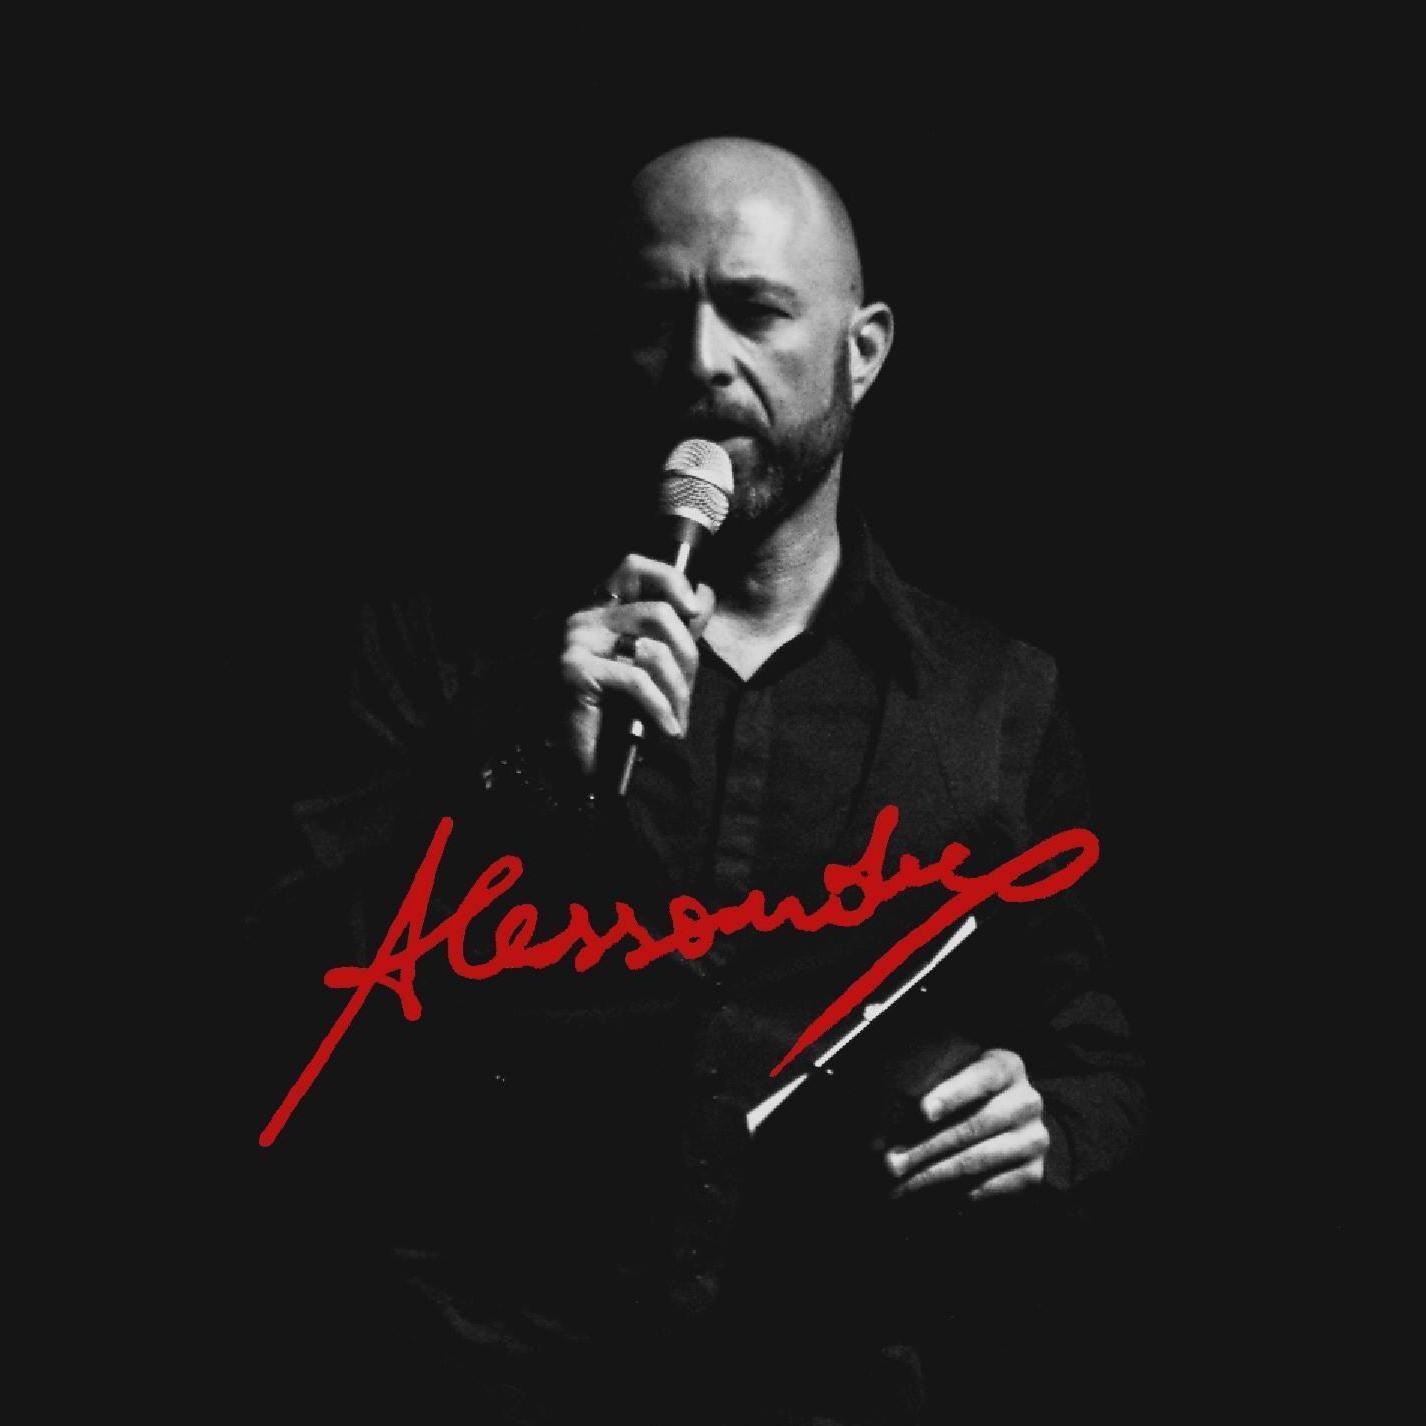 Alessandro Bevilacqua